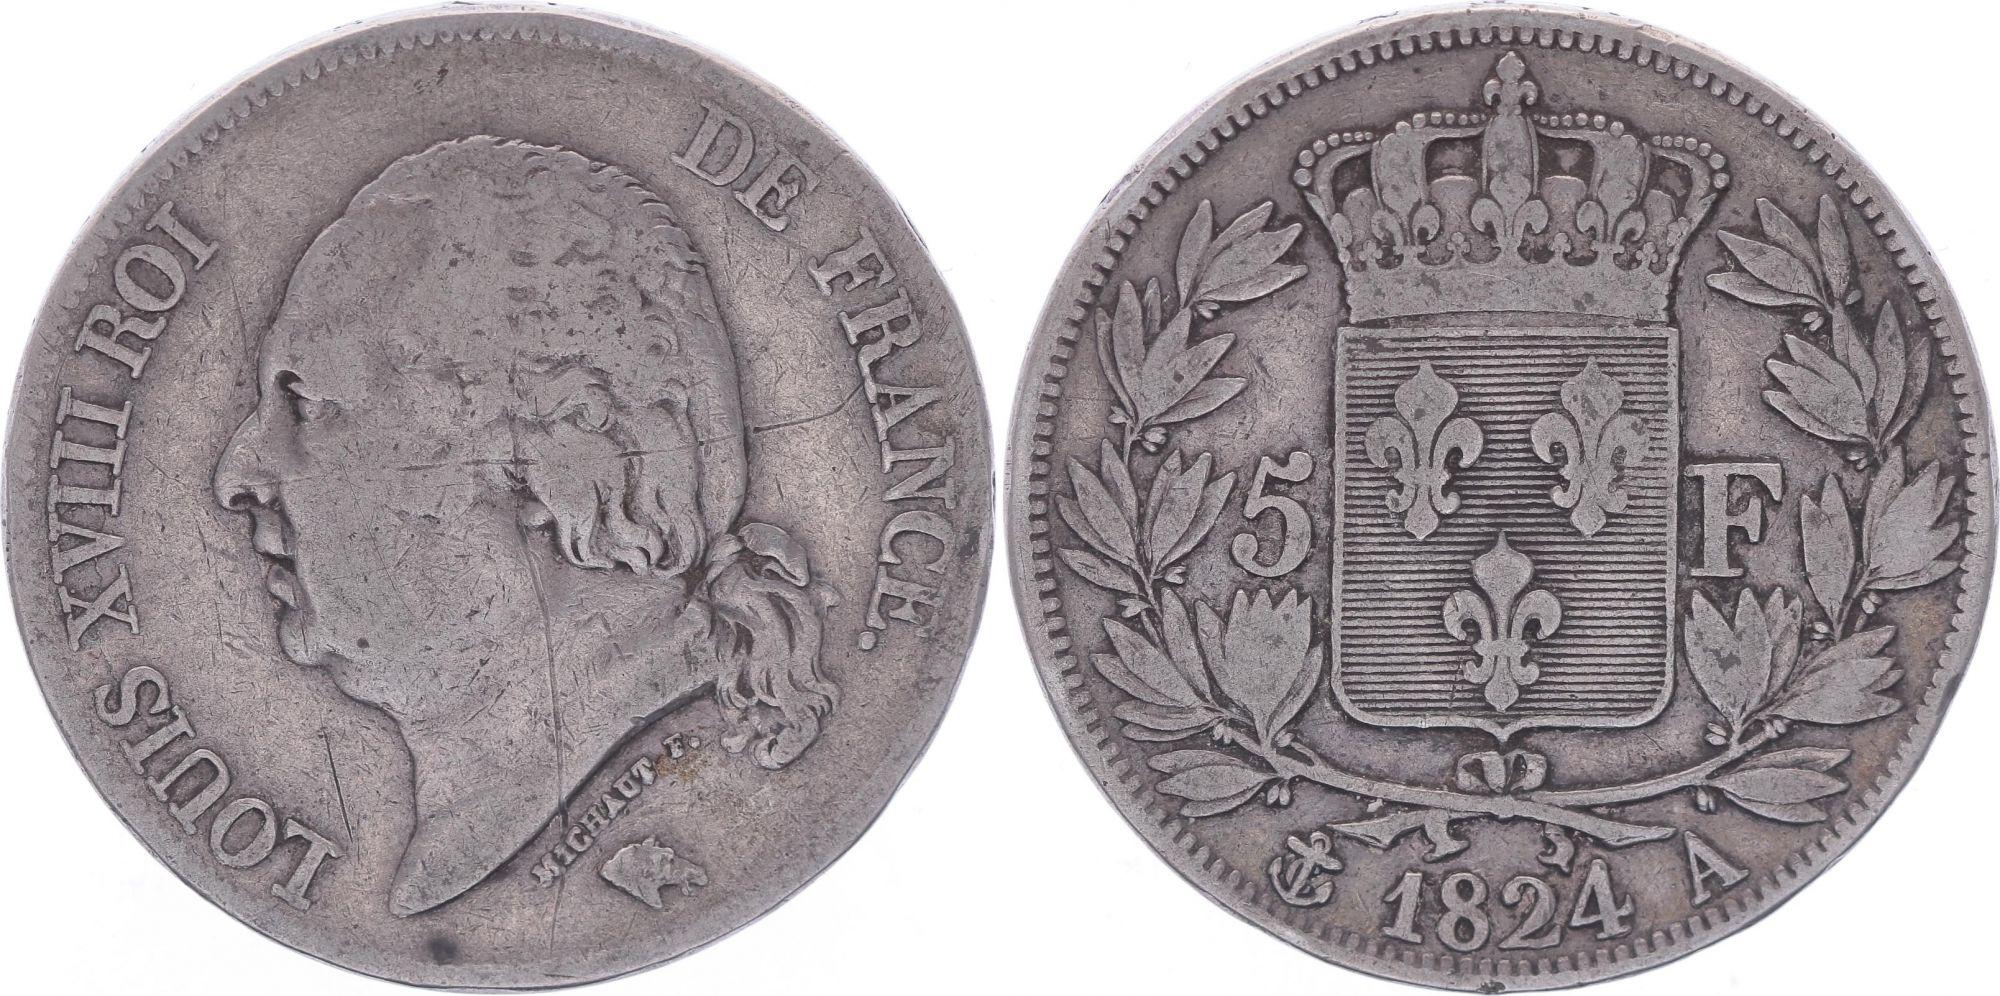 France 5 Francs Louis XVIII - Buste nu - 1824 A Paris - TB